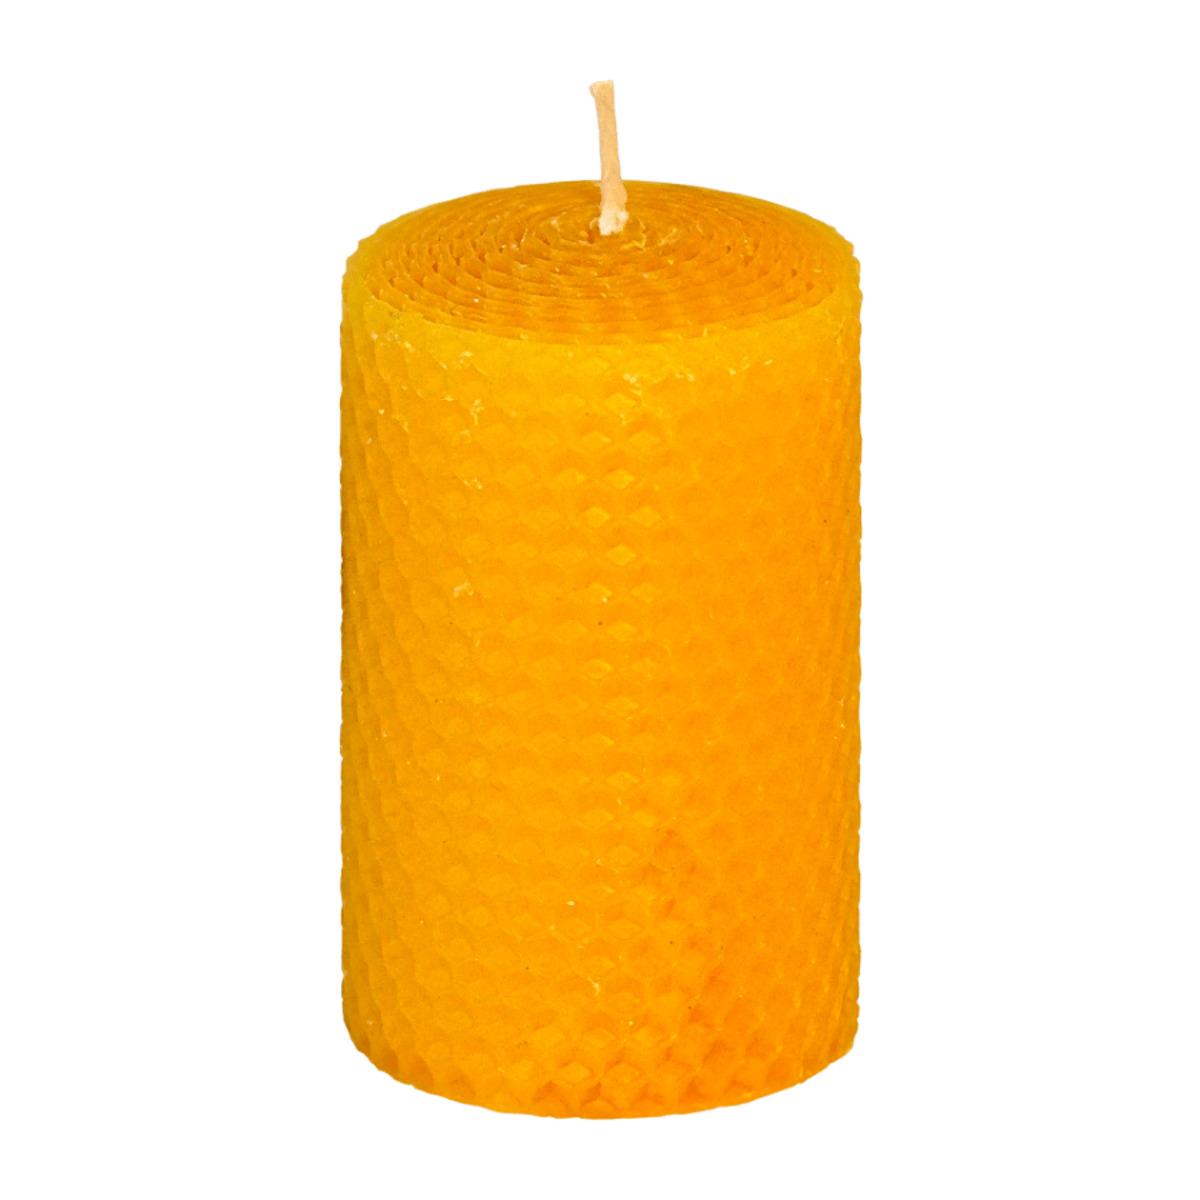 Bild 4 von LIVING ART     Bienenwachs-Kerze(n)